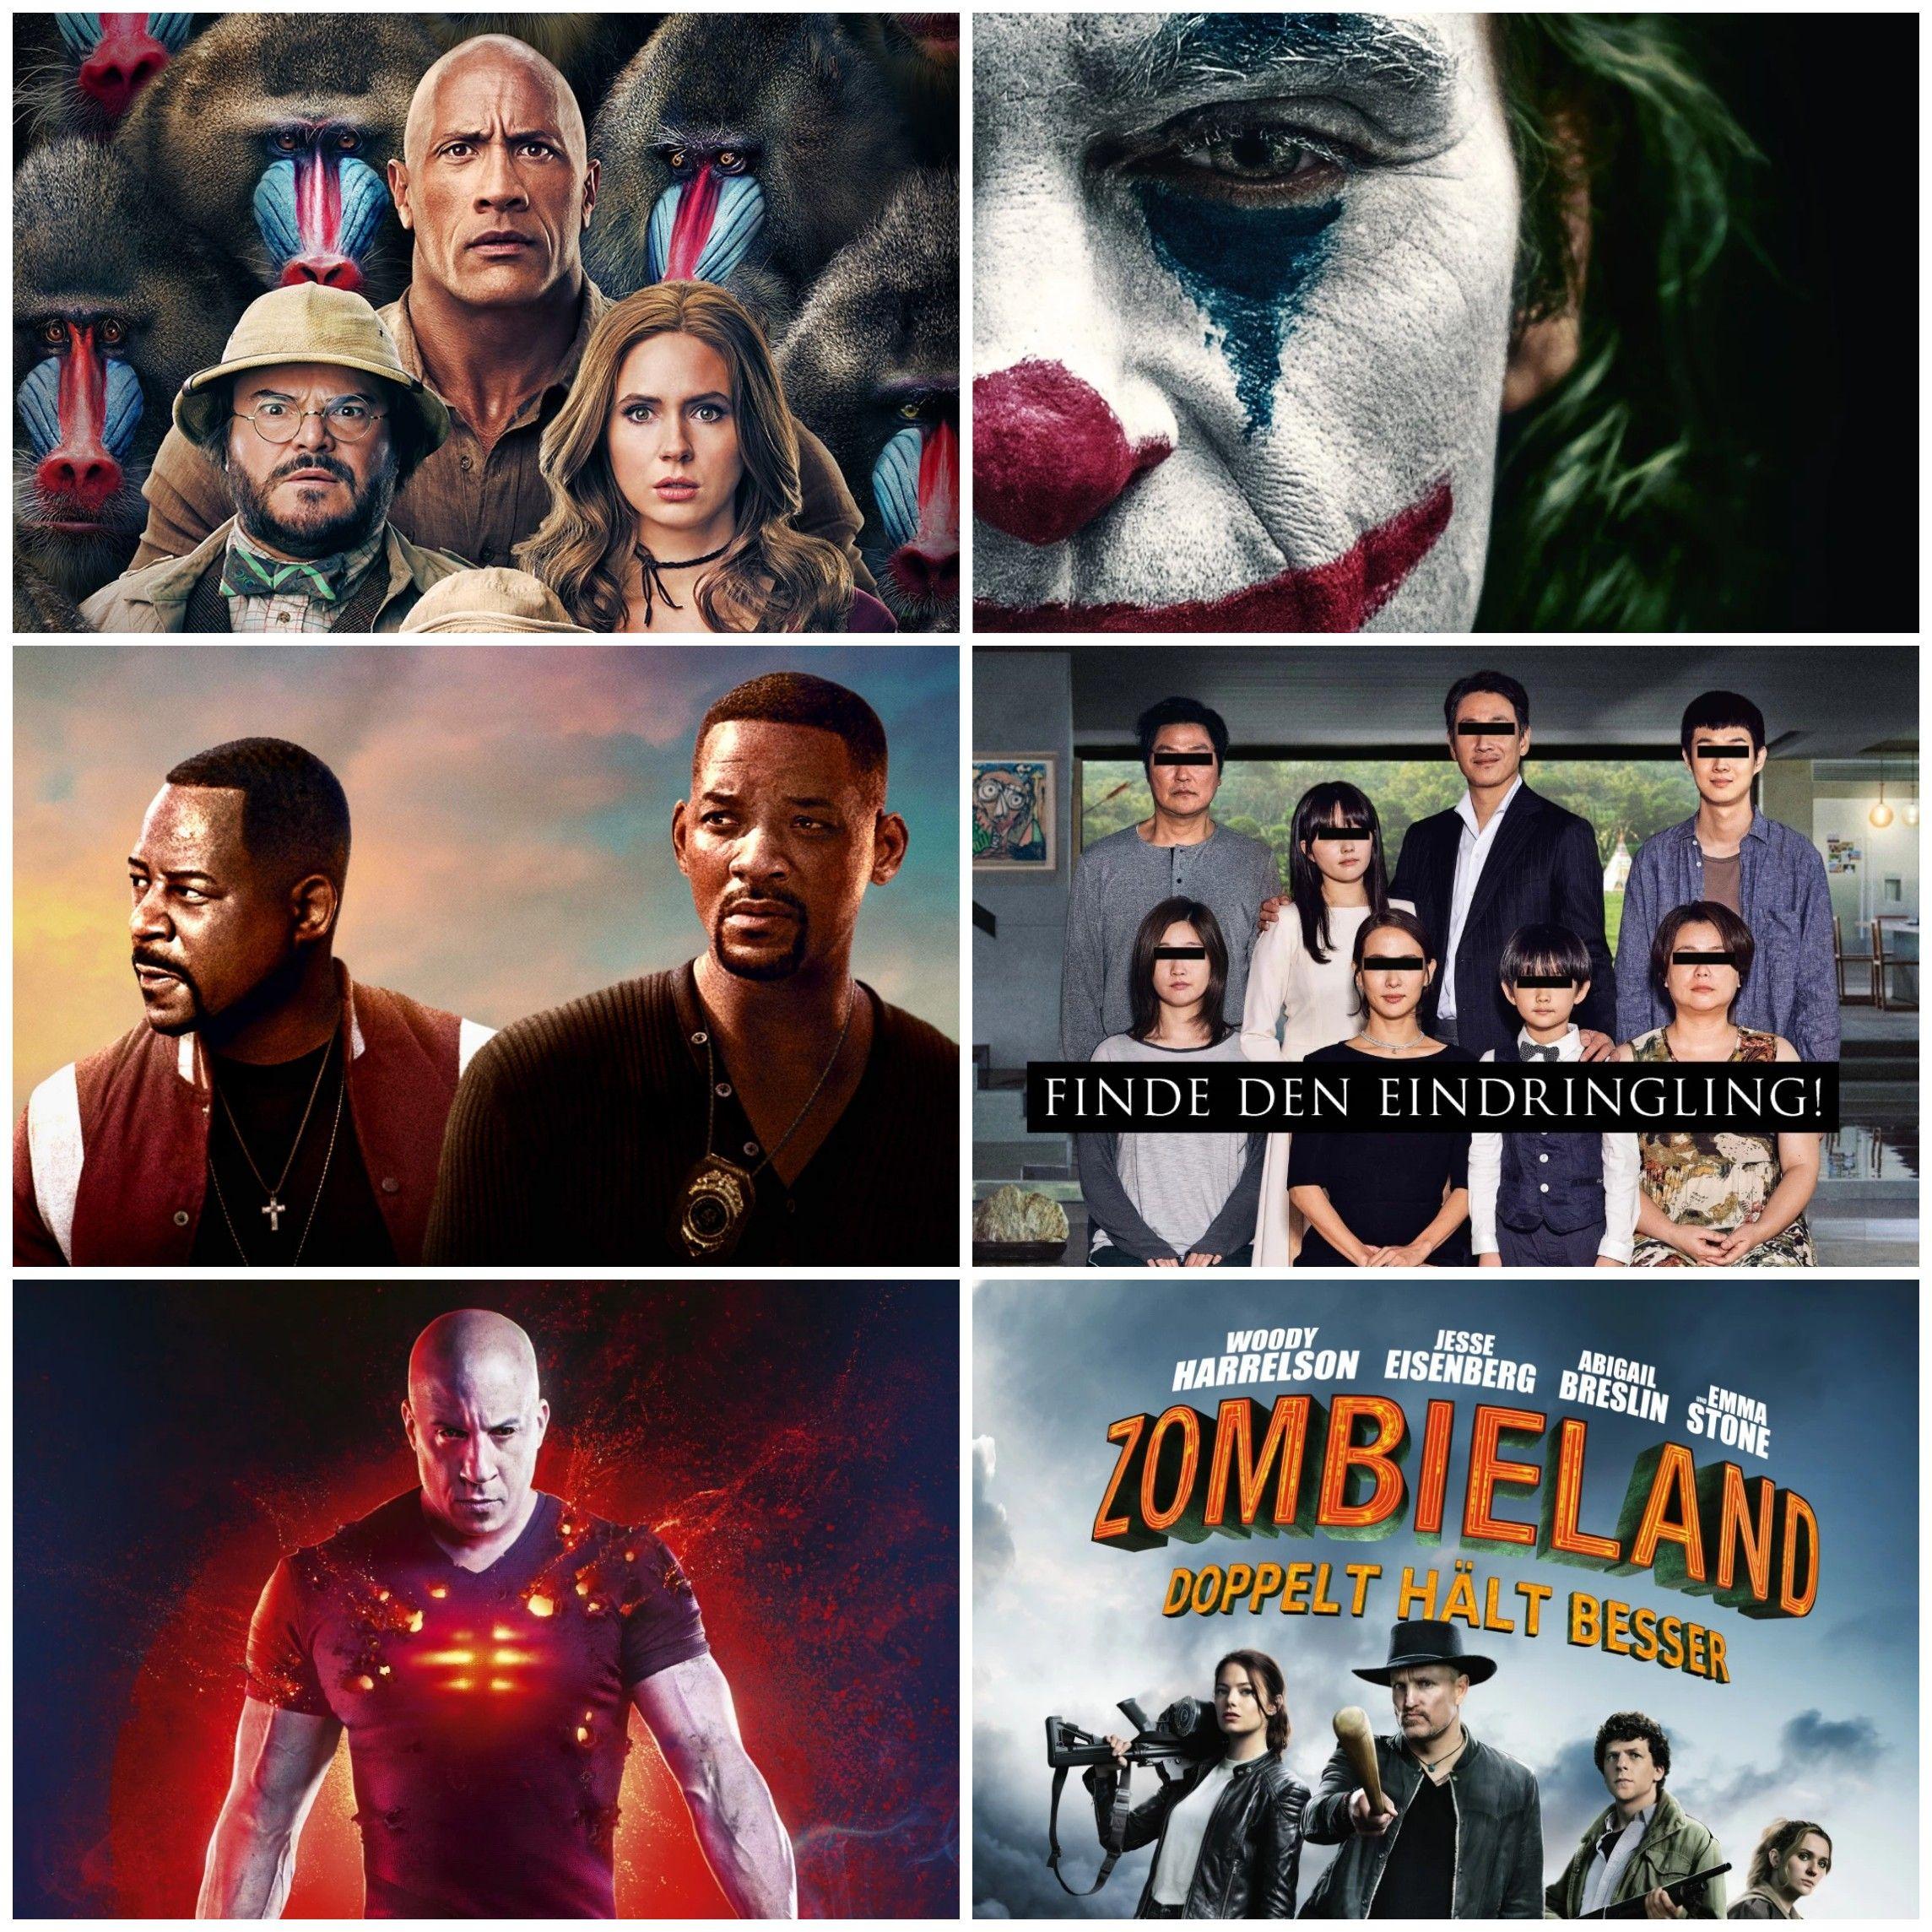 U.a. Jumanji 3 / Bad Boys 3 in 4K UHD + Joker / Parasite / Zombieland 2 in HD zum Leihen (Amazon)